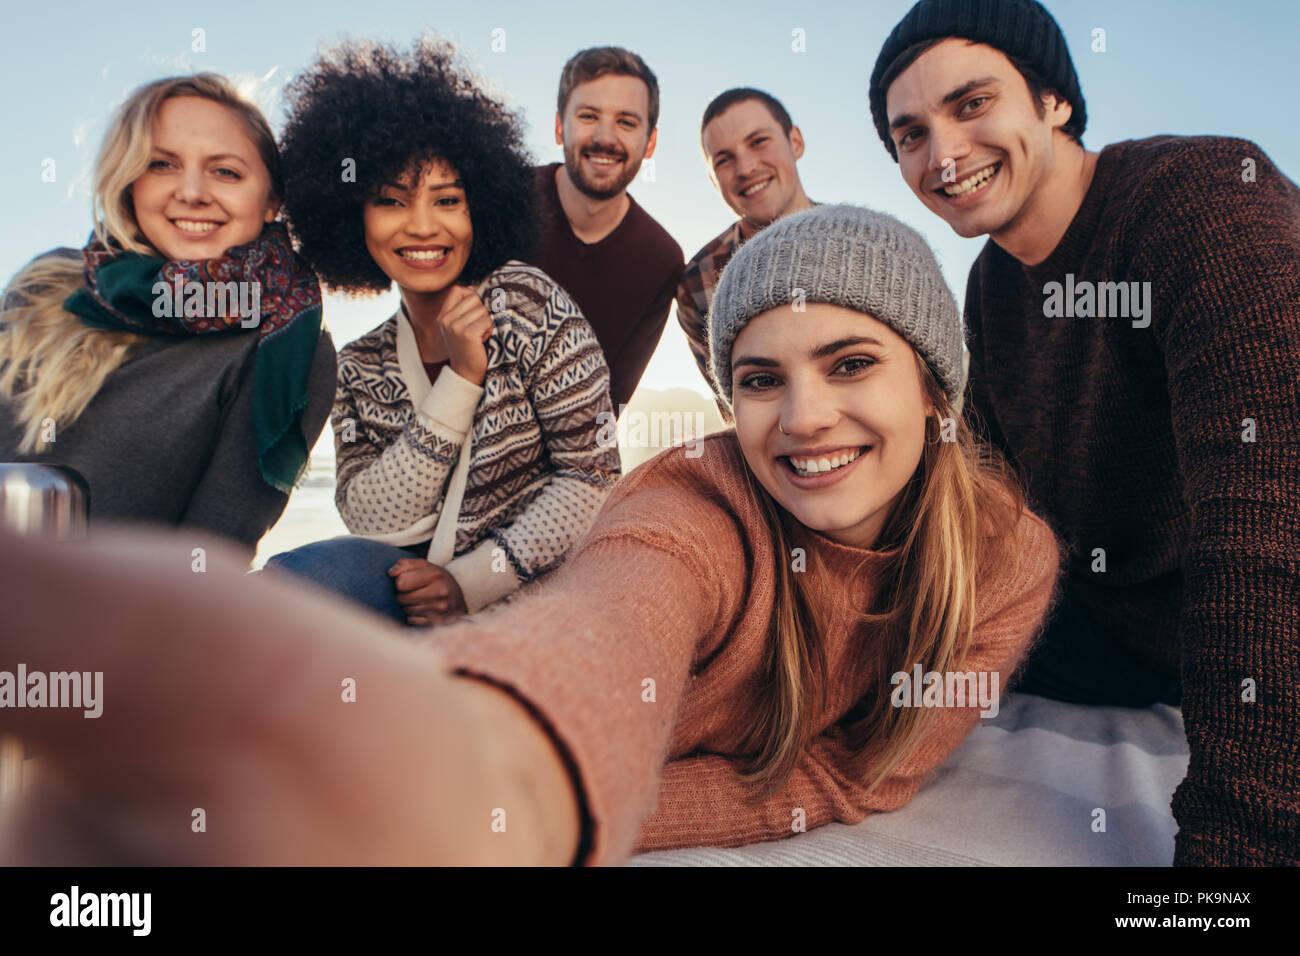 Junge Freunde unter selfie während der Beach Party. Gruppe von gemischten Rennen Freunde unter selfie, der am Ufer des Meeres. Stockbild